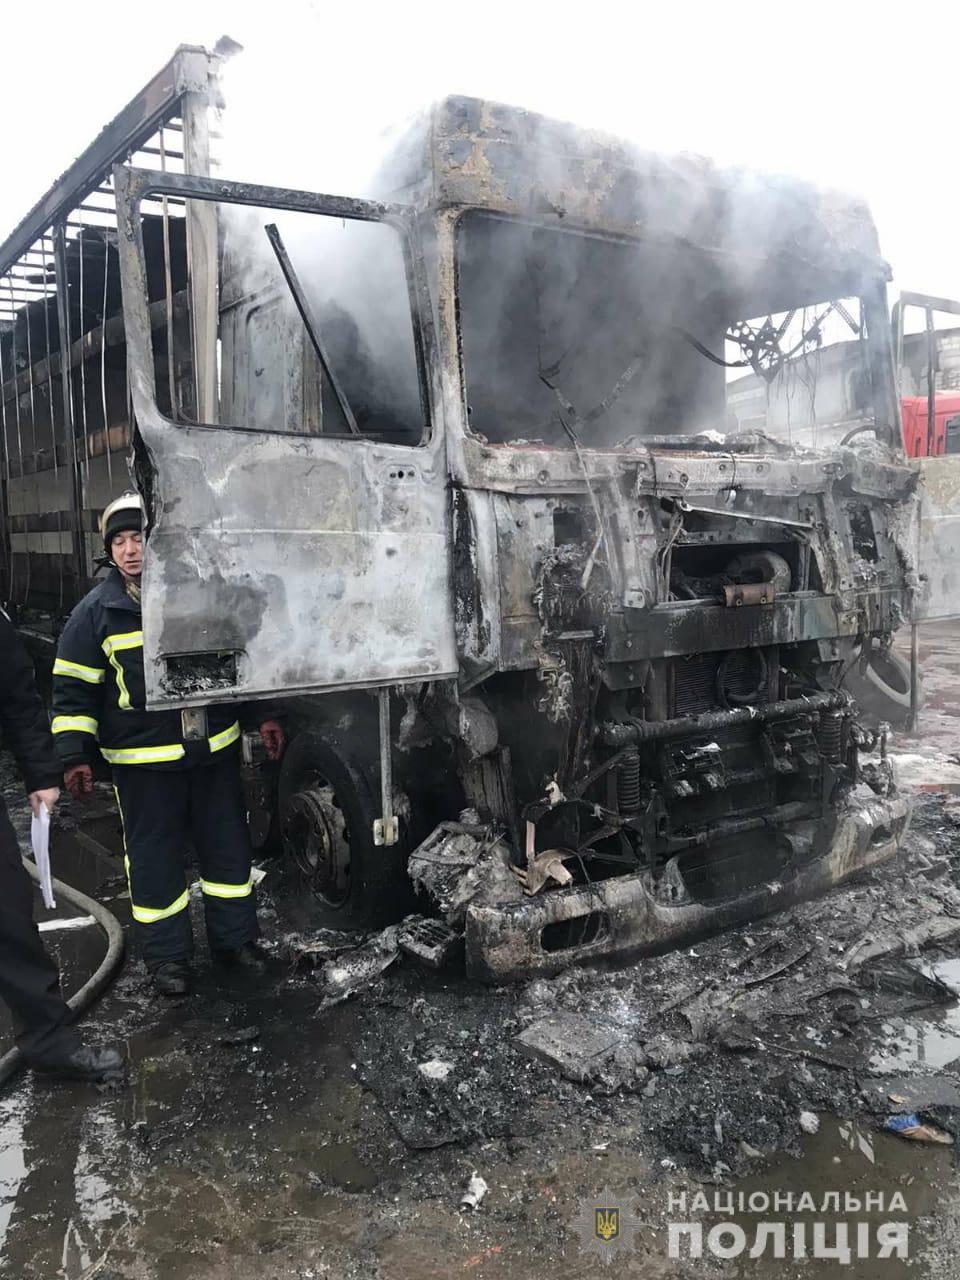 Установлена личность мужчины, сгоревшего в фуре под Харьковом (фото)